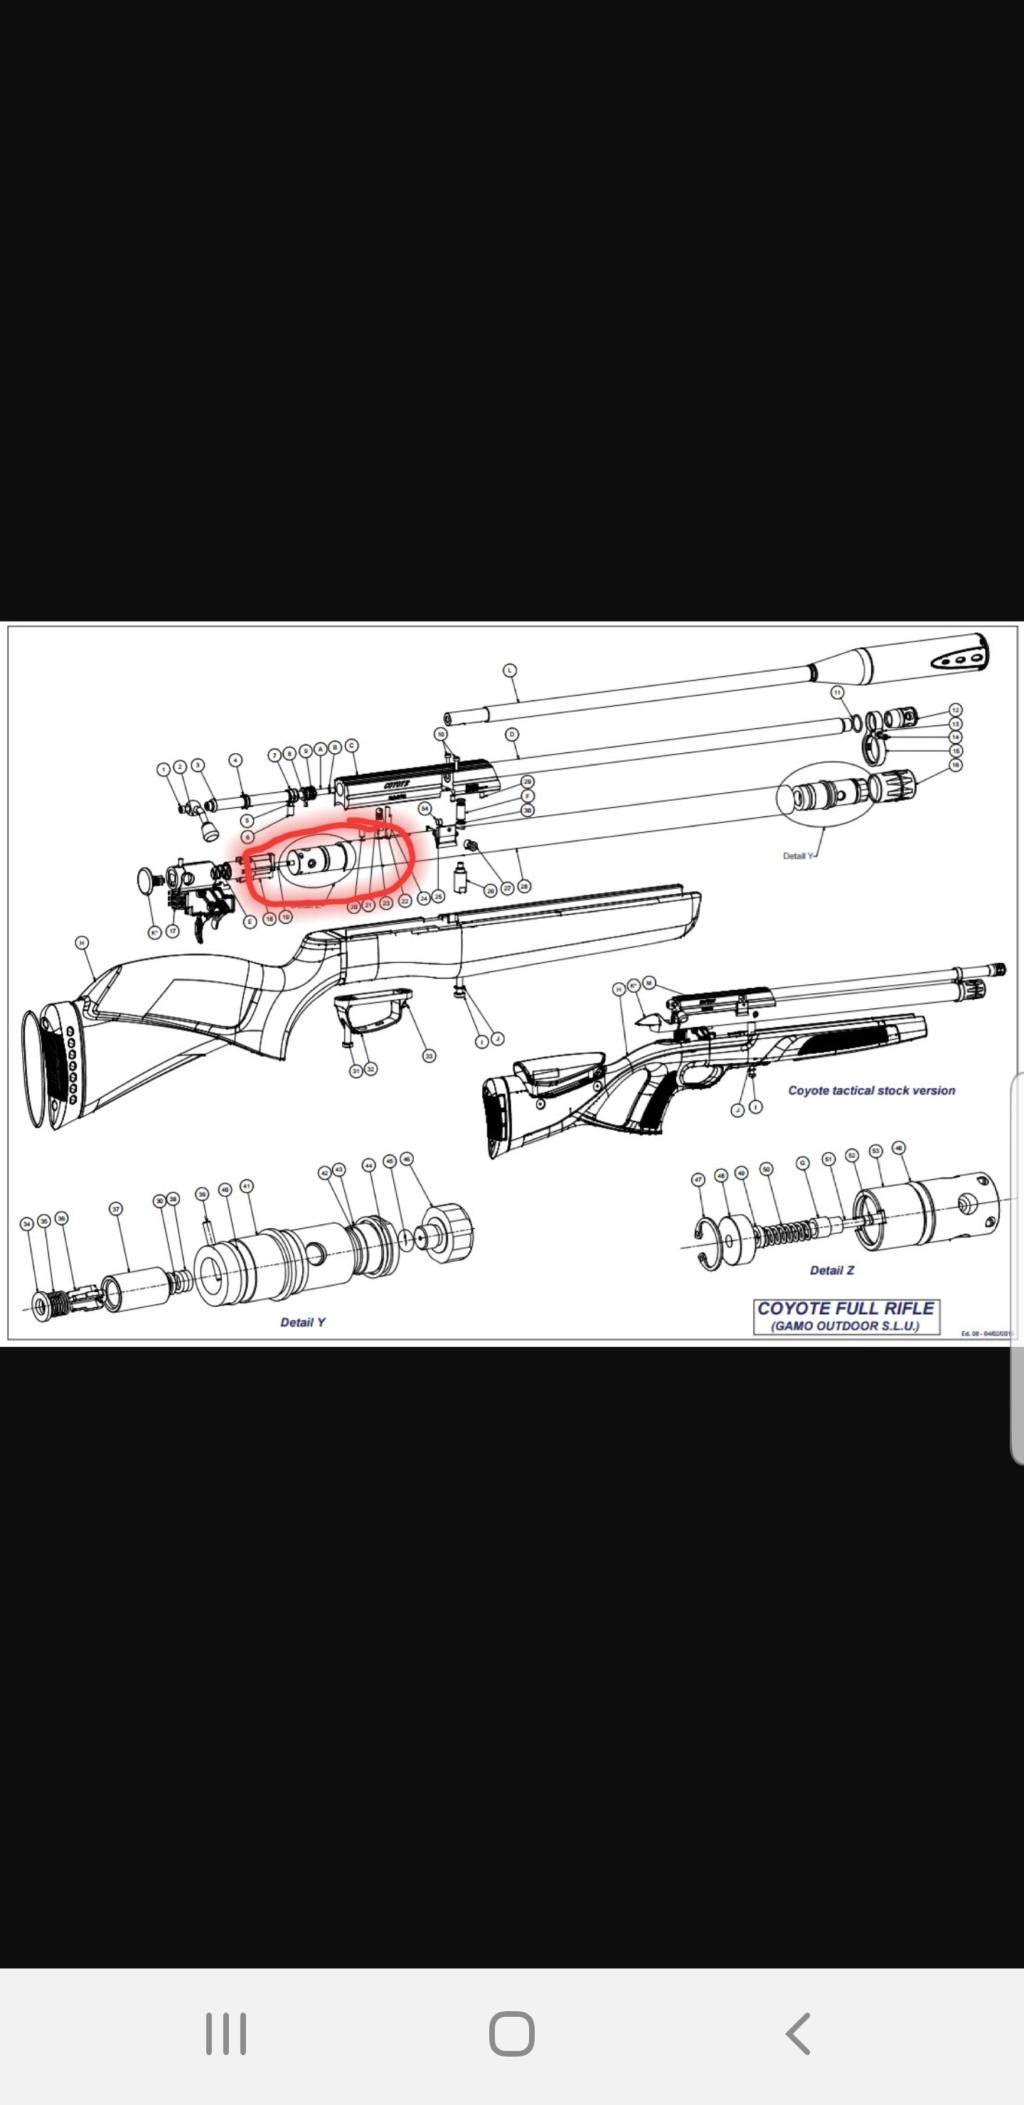 Conseil regulateur sur gamo coyote 5.5mm 40joules  20200110